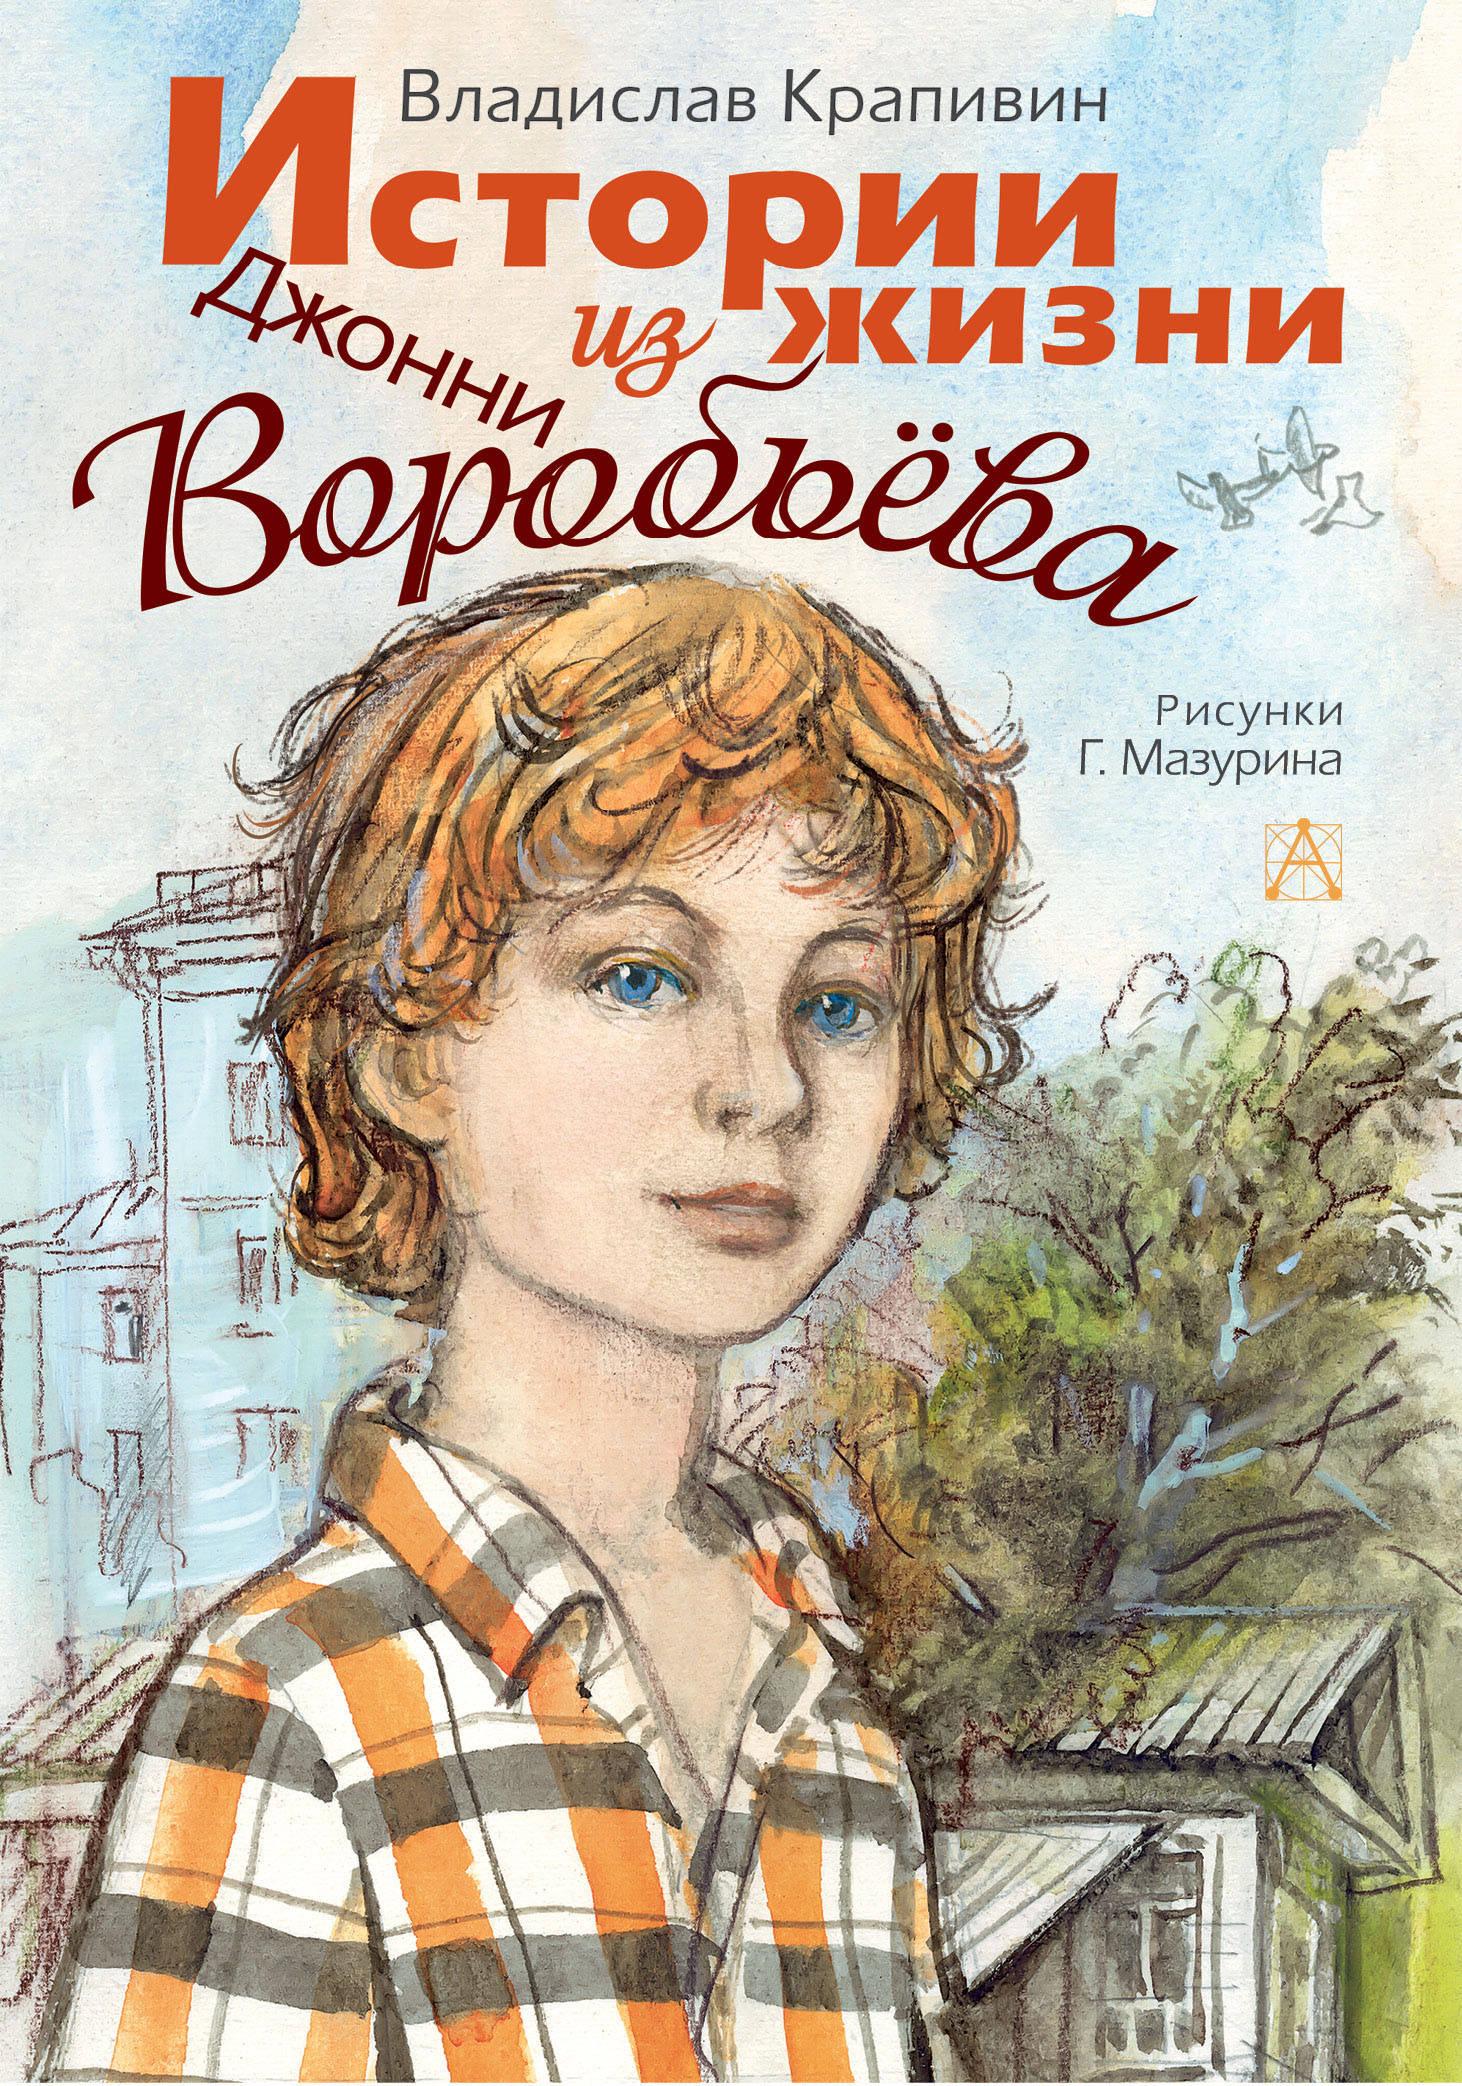 Истории из жизни Джонни Воробьева